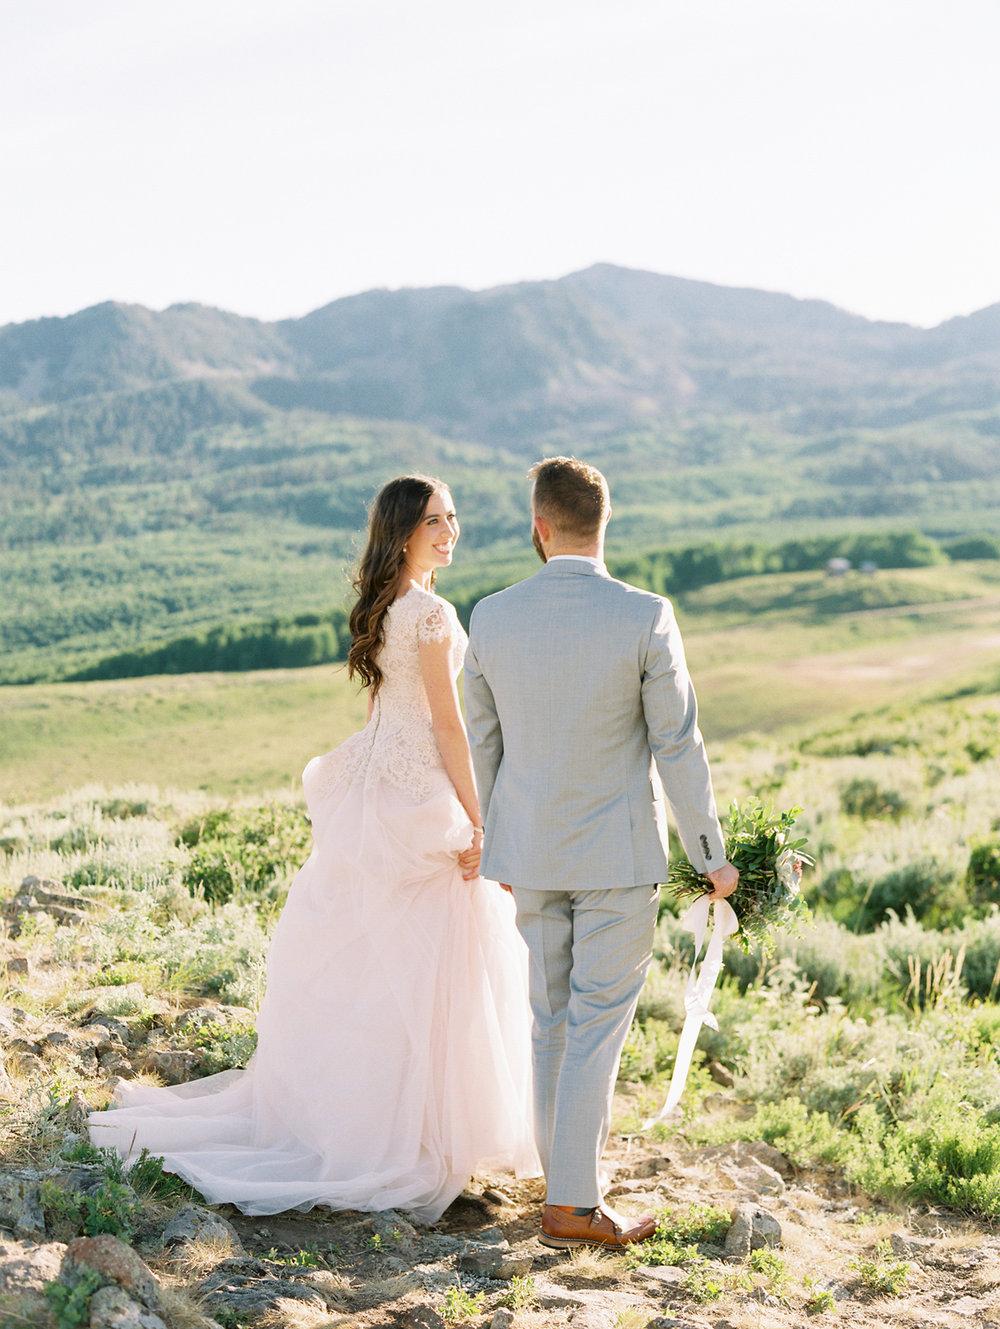 mountain-bridals_lindseystewartphotography_0048.jpg